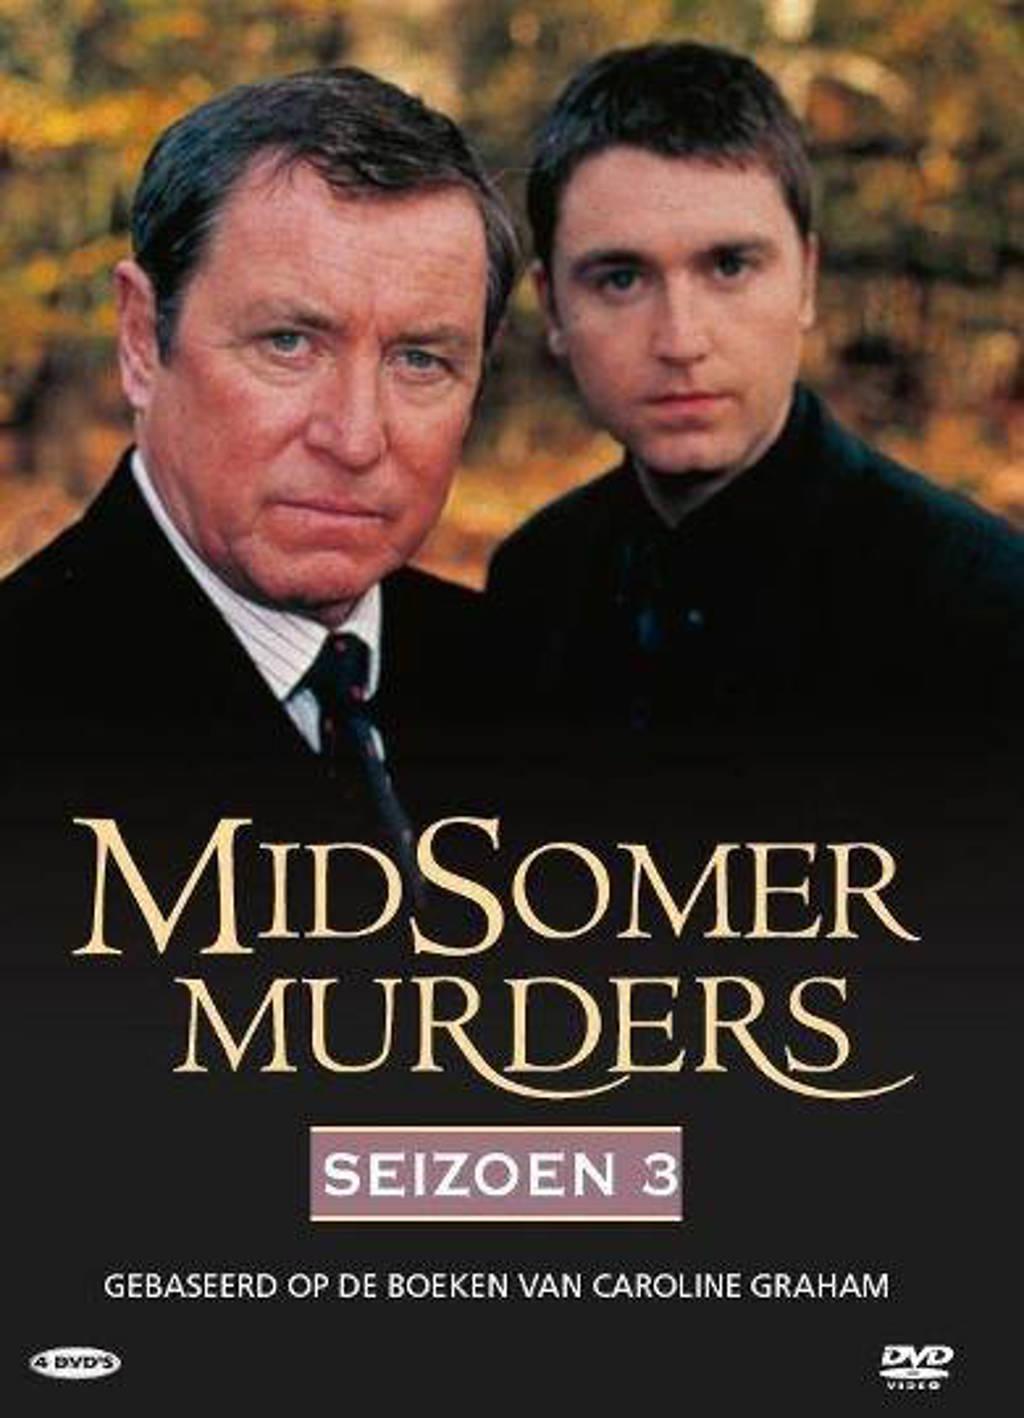 Midsomer murders - Seizoen 3 (DVD)